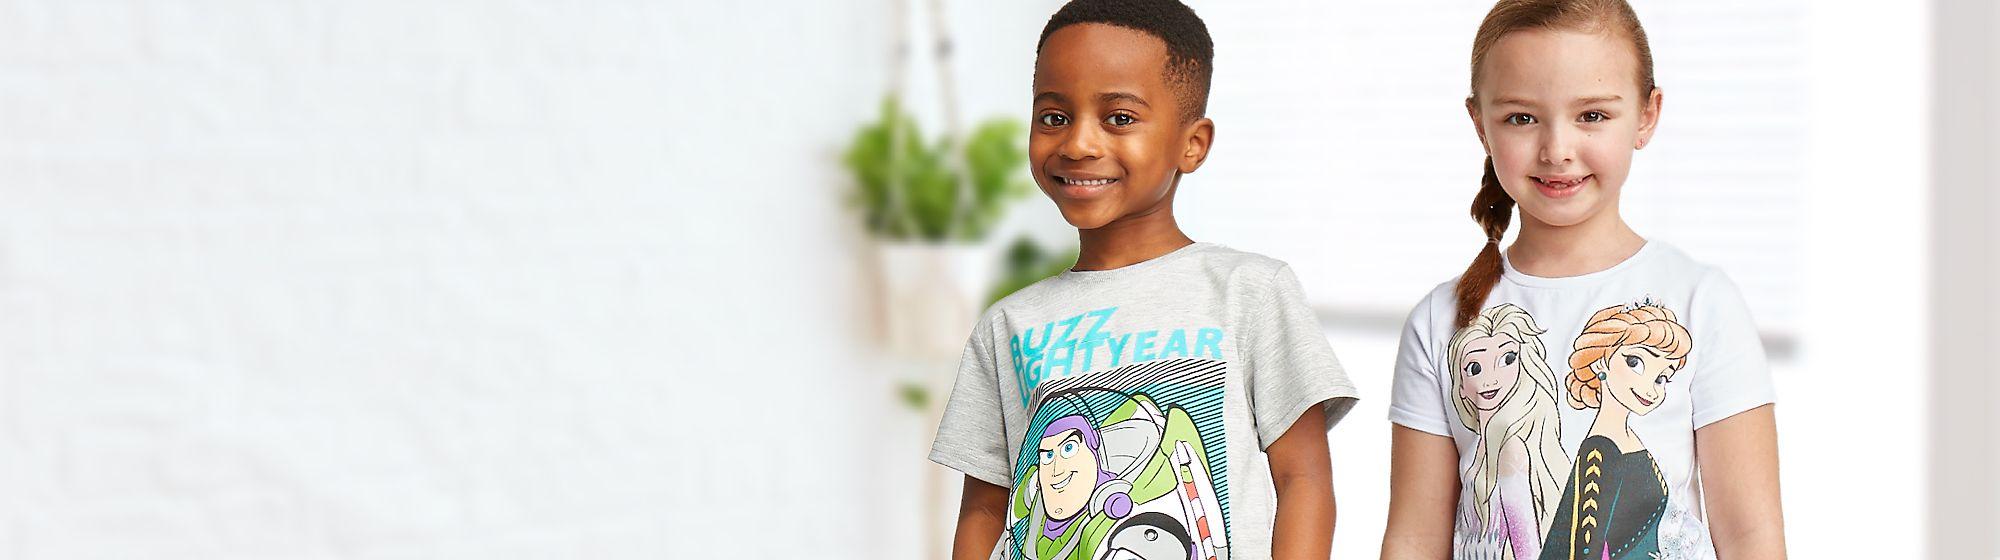 T-Shirts für Kinder 1 für 15€ | 2 für 24€ | 3 für 30€  Nur online | Ausgewählte Produktreihen | Solange der Vorrat reicht | Es gelten die Aktionsbedingungen